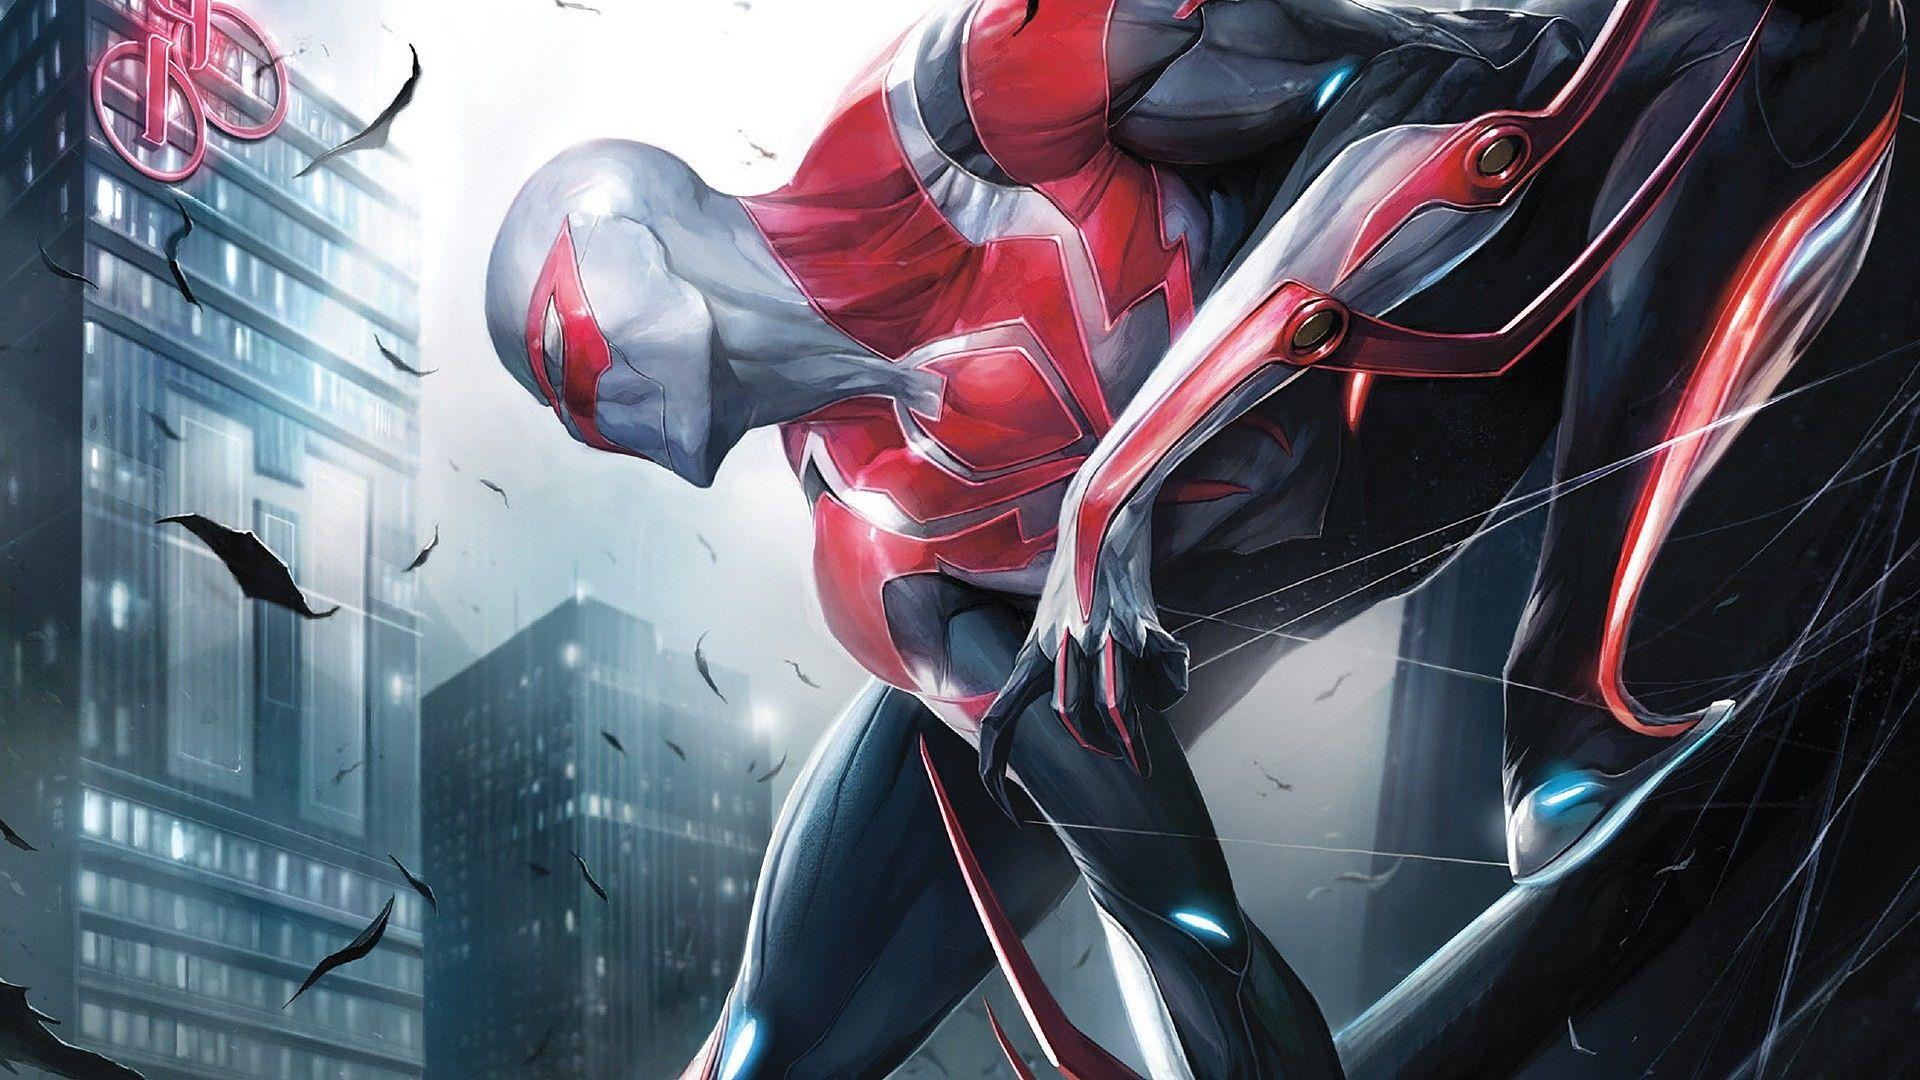 1920x1080 Spider Man 2099 Spider Man Marvel 1080p HD Wallpaper 1920x1080